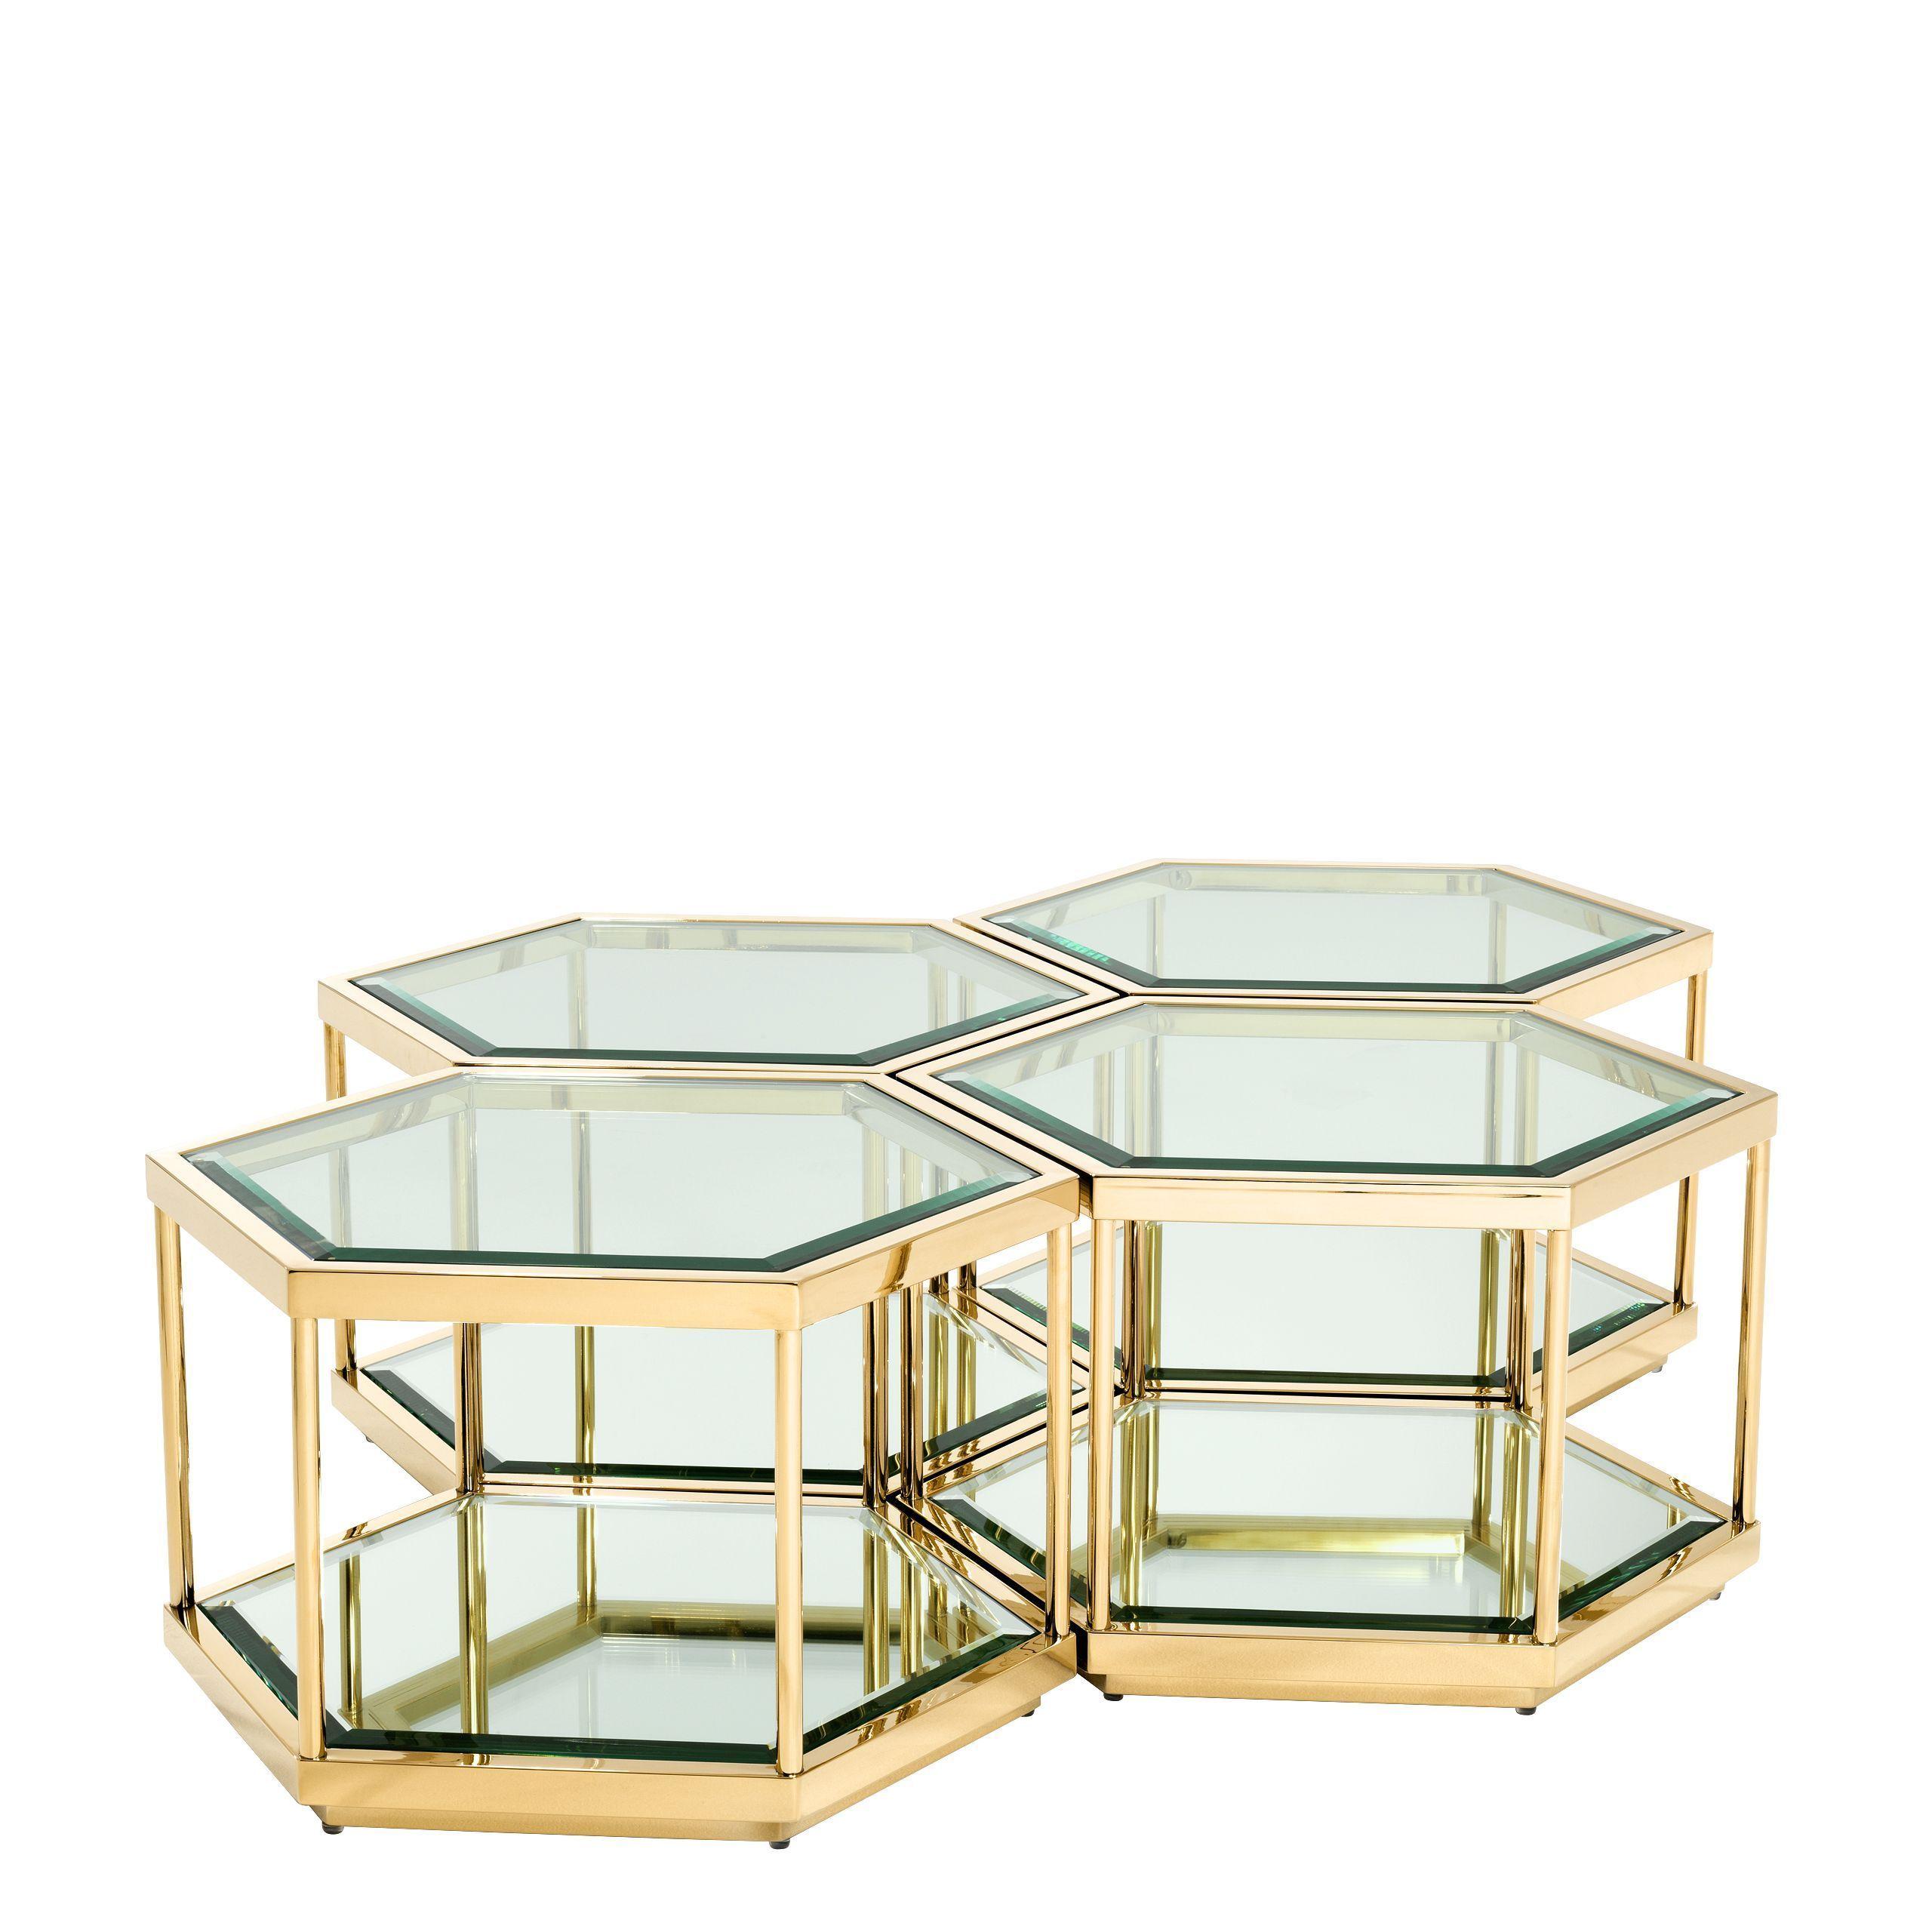 Gold Hexagonal Coffee Table Set Eichholtz Sax In 2021 Hexagon Coffee Table Coffee Table Coffee Table Setting [ 2560 x 2560 Pixel ]